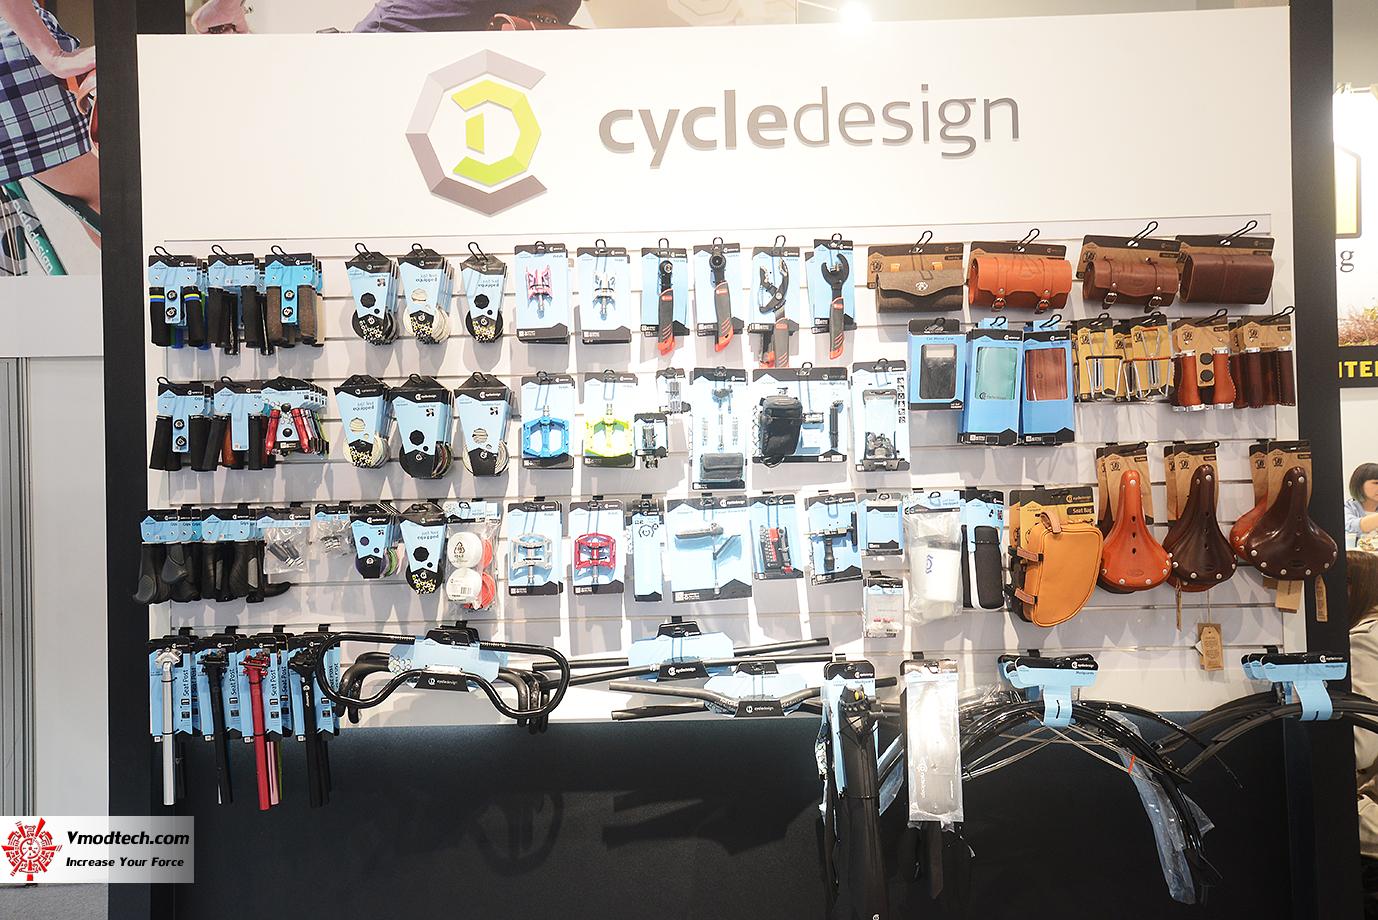 dsc 9179 เยี่ยมชมงาน TAIPEI CYCLE 2019 งานของคนรักจักรยาน ณ กรุงไทเป ประเทศไต้หวัน